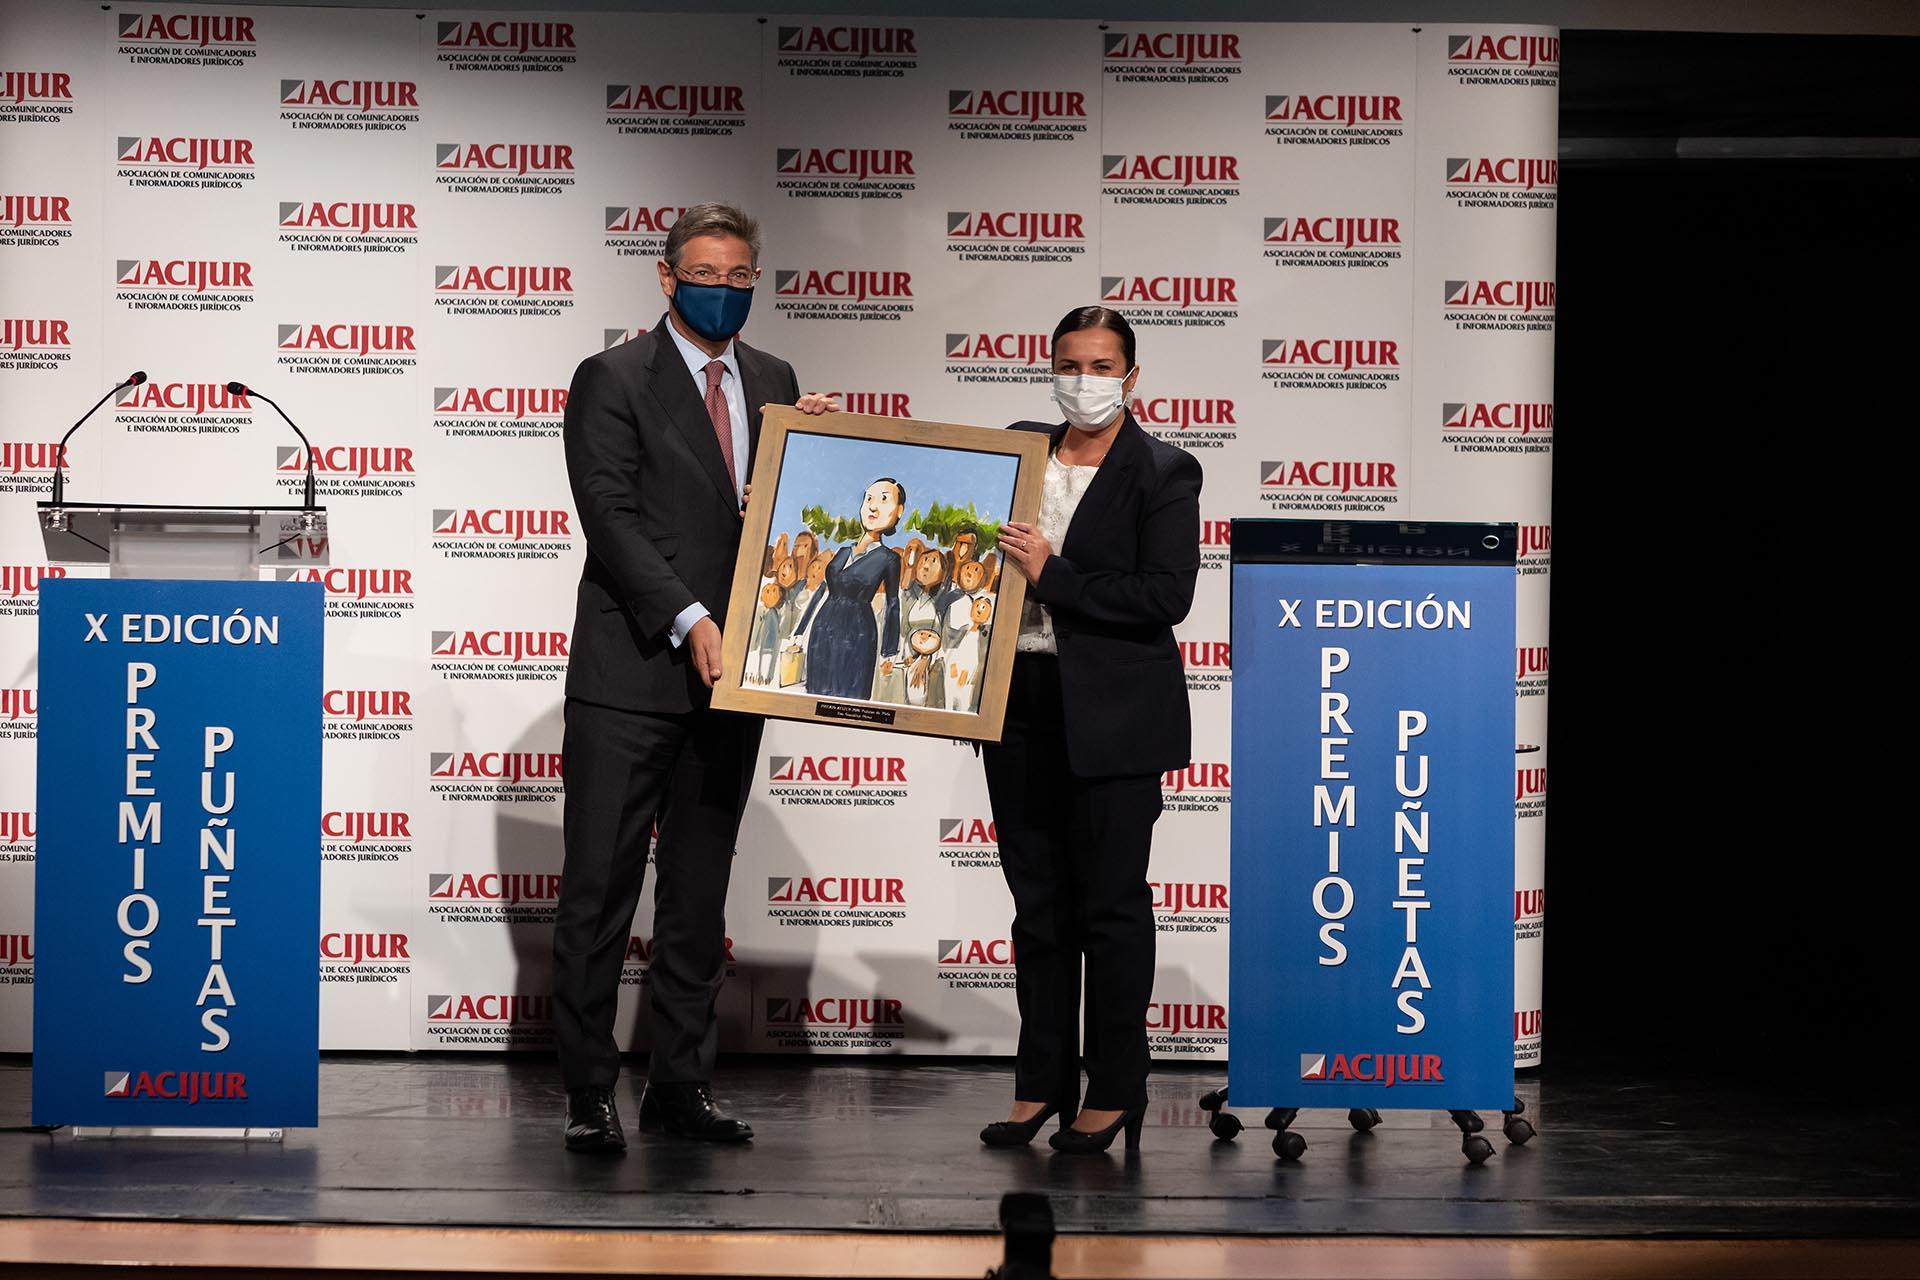 Eva González, abogada, recoge el premio Puñetas de Plata de las manos del exministro de Justicia y socio de honor de ACIJUR Rafael Catalá.